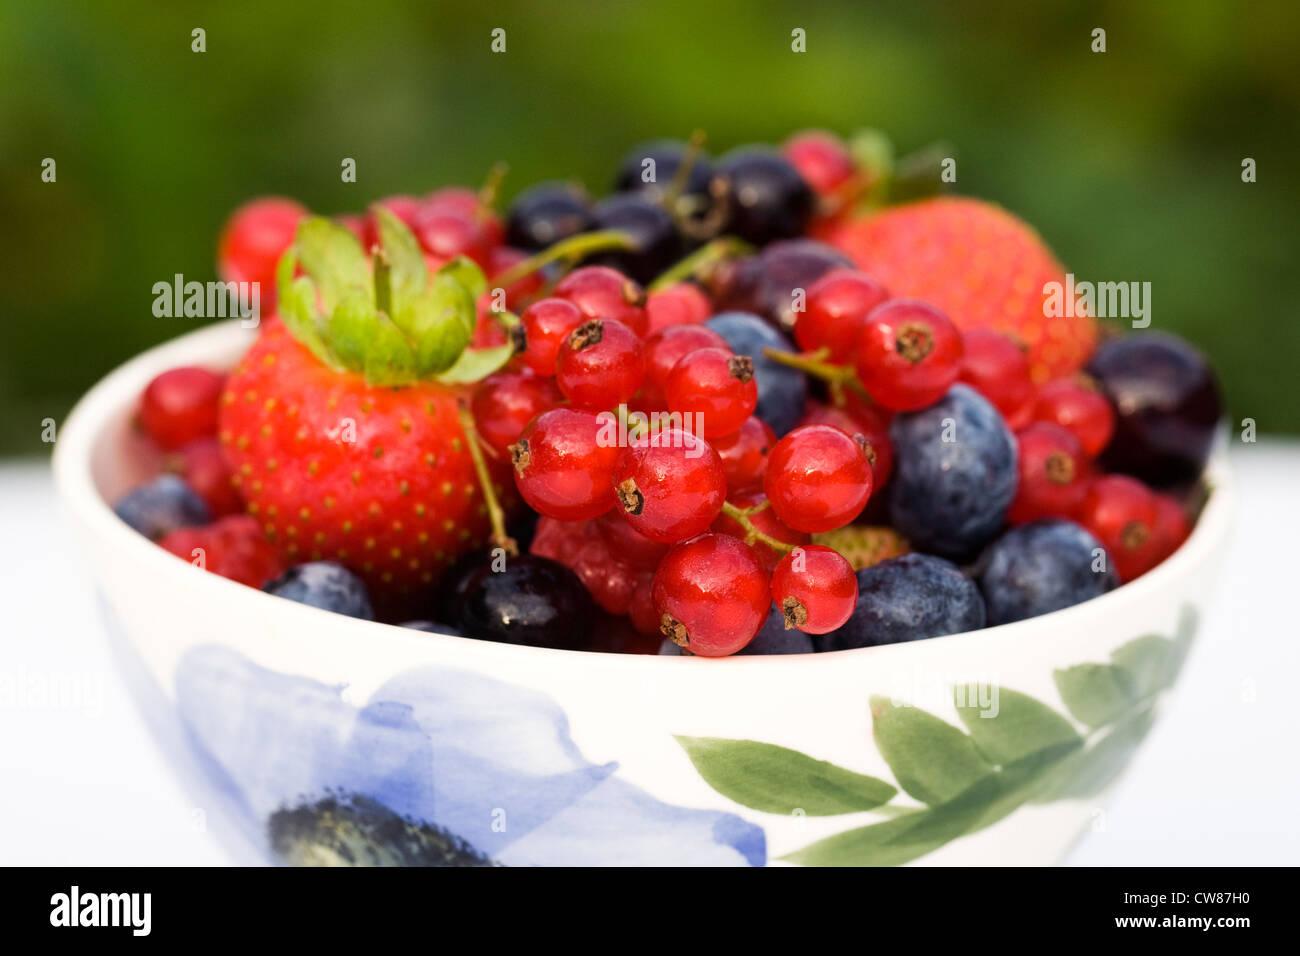 Estate colorati frutti di bosco in una ciotola. Immagini Stock